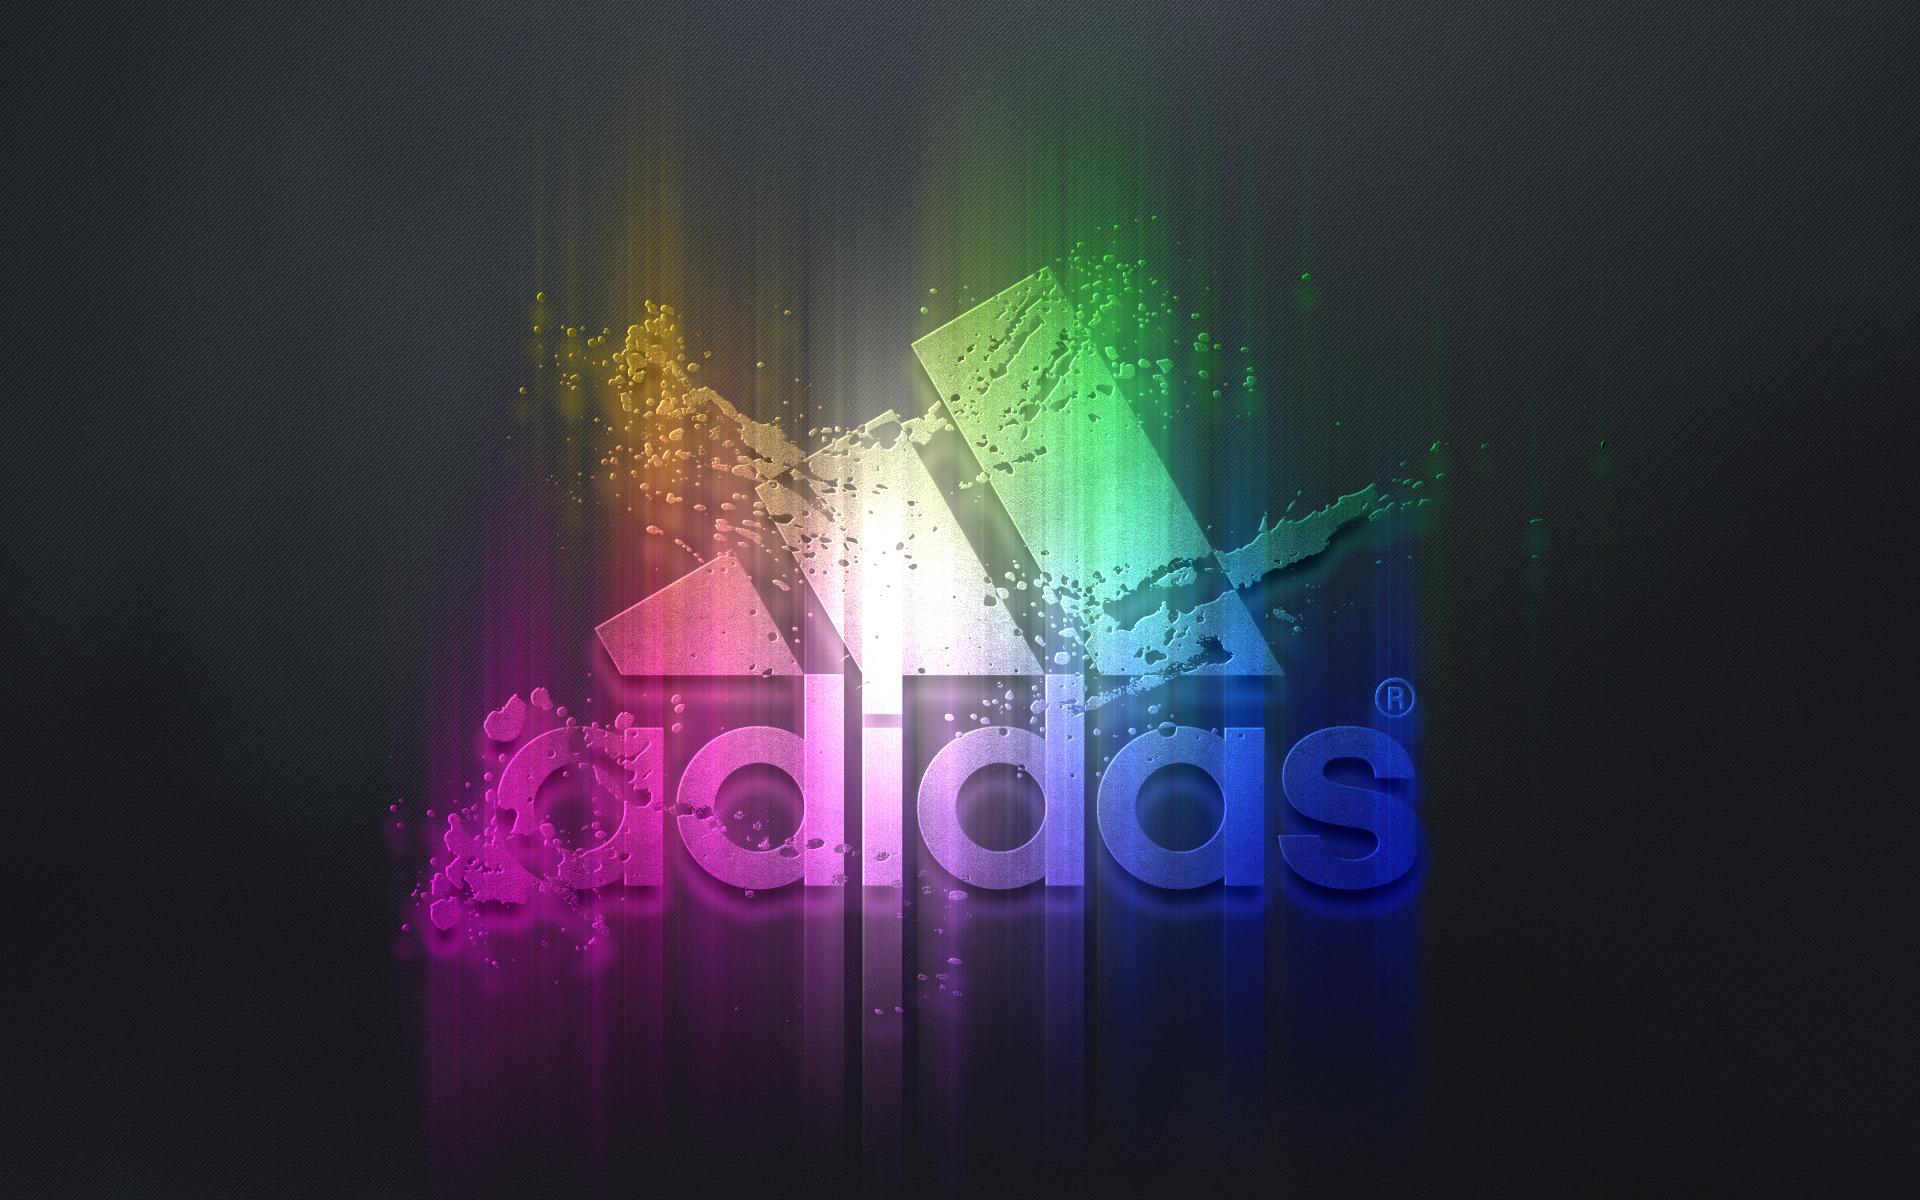 Adidas Spray Paint Cool HD Wallpaper 4878 HD Wallpaper 3D Desktop 1920x1200